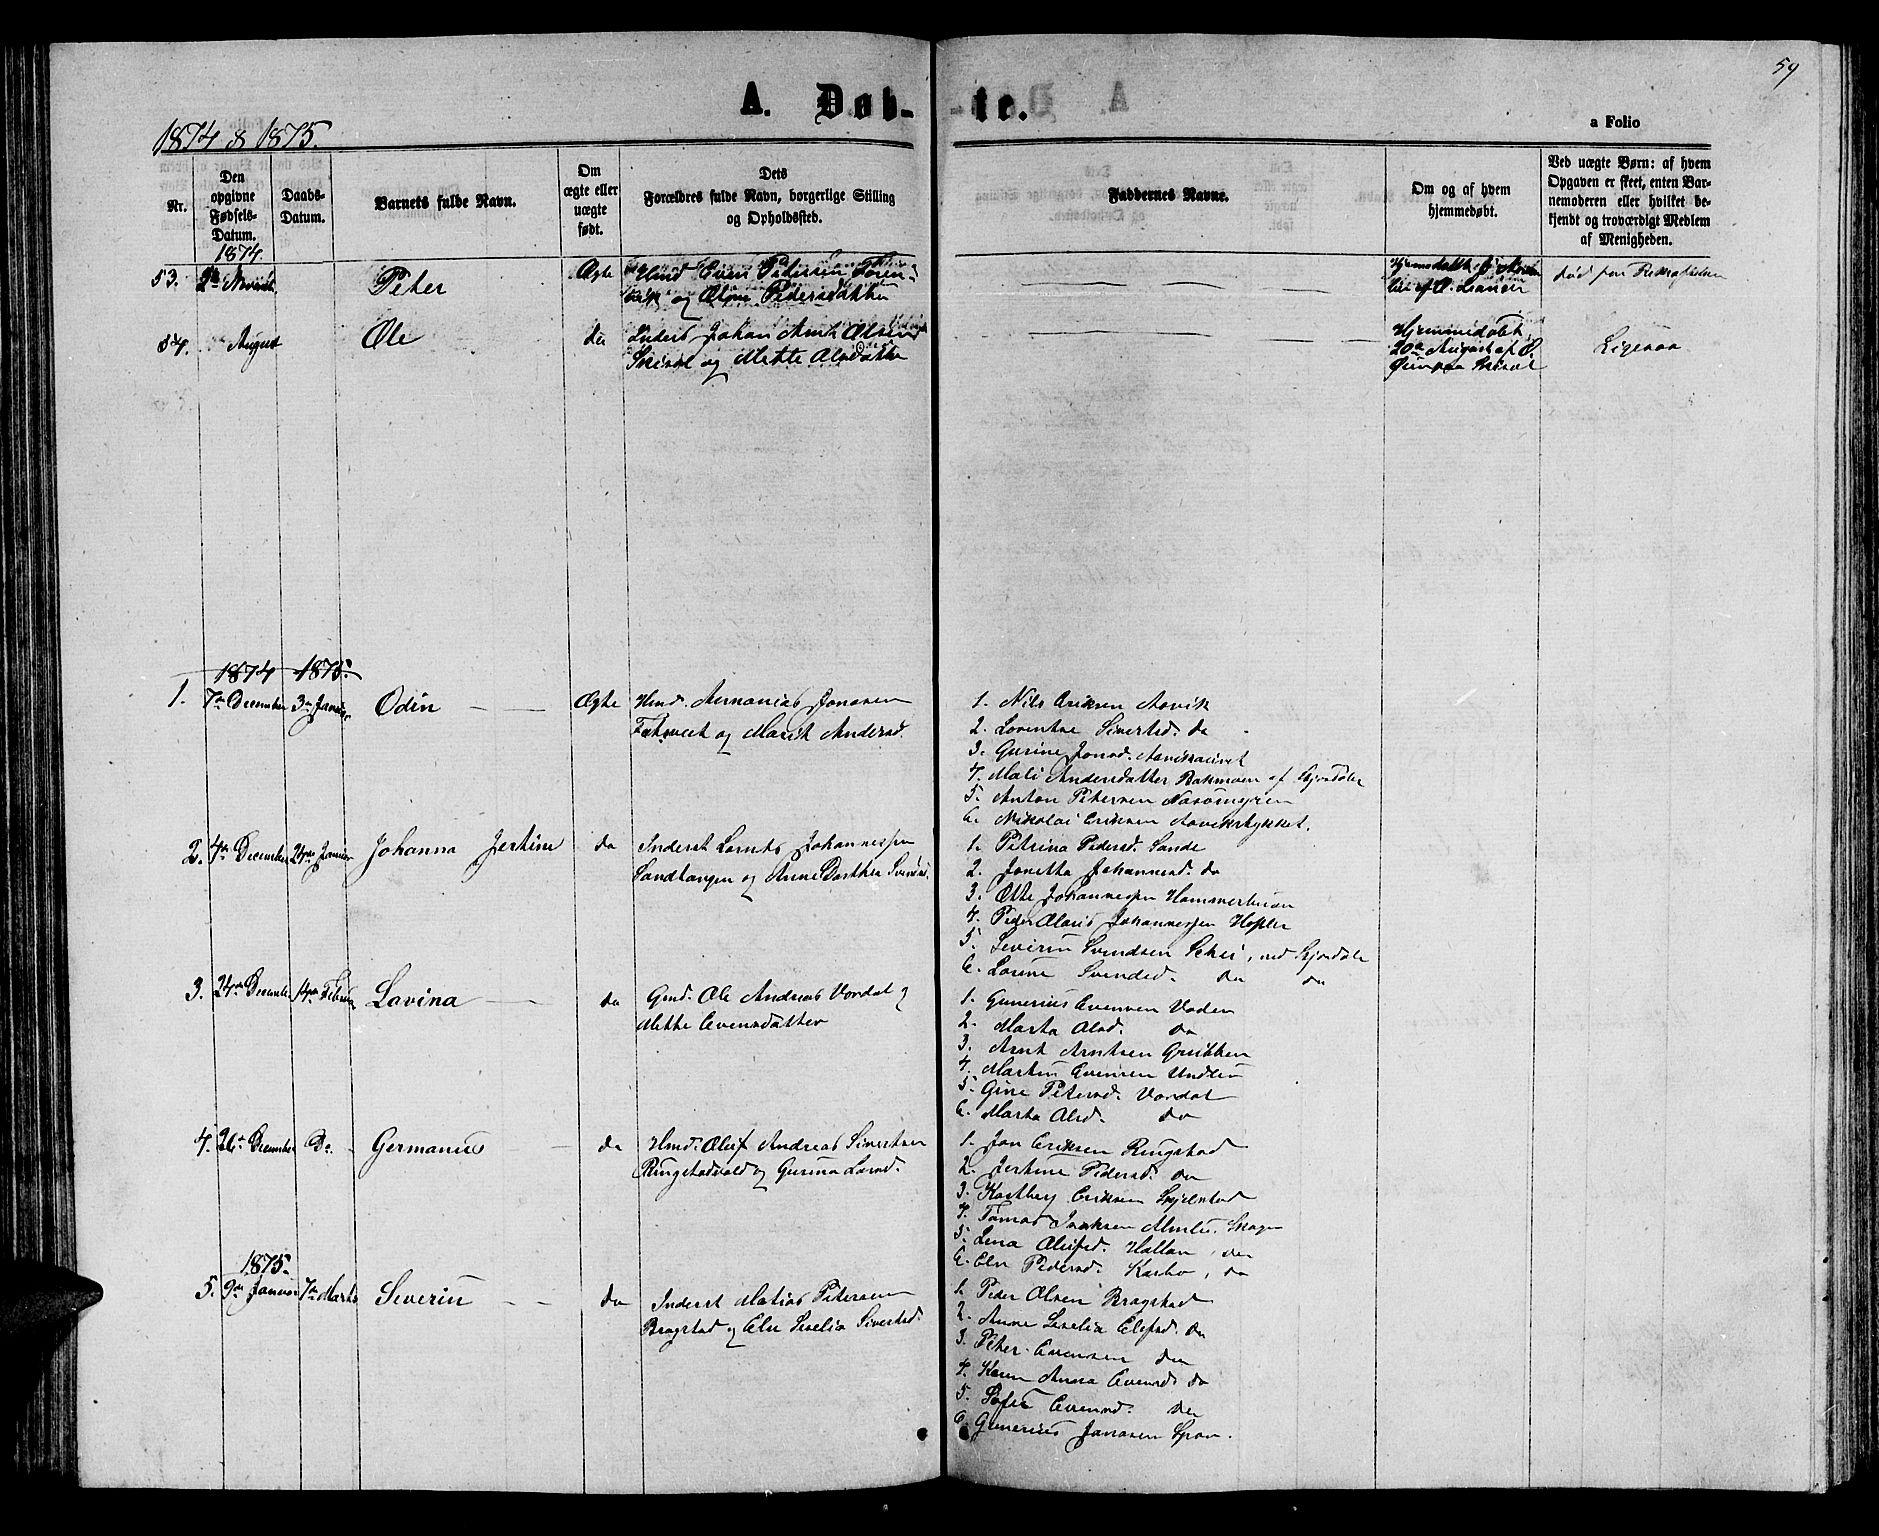 SAT, Ministerialprotokoller, klokkerbøker og fødselsregistre - Nord-Trøndelag, 714/L0133: Klokkerbok nr. 714C02, 1865-1877, s. 59